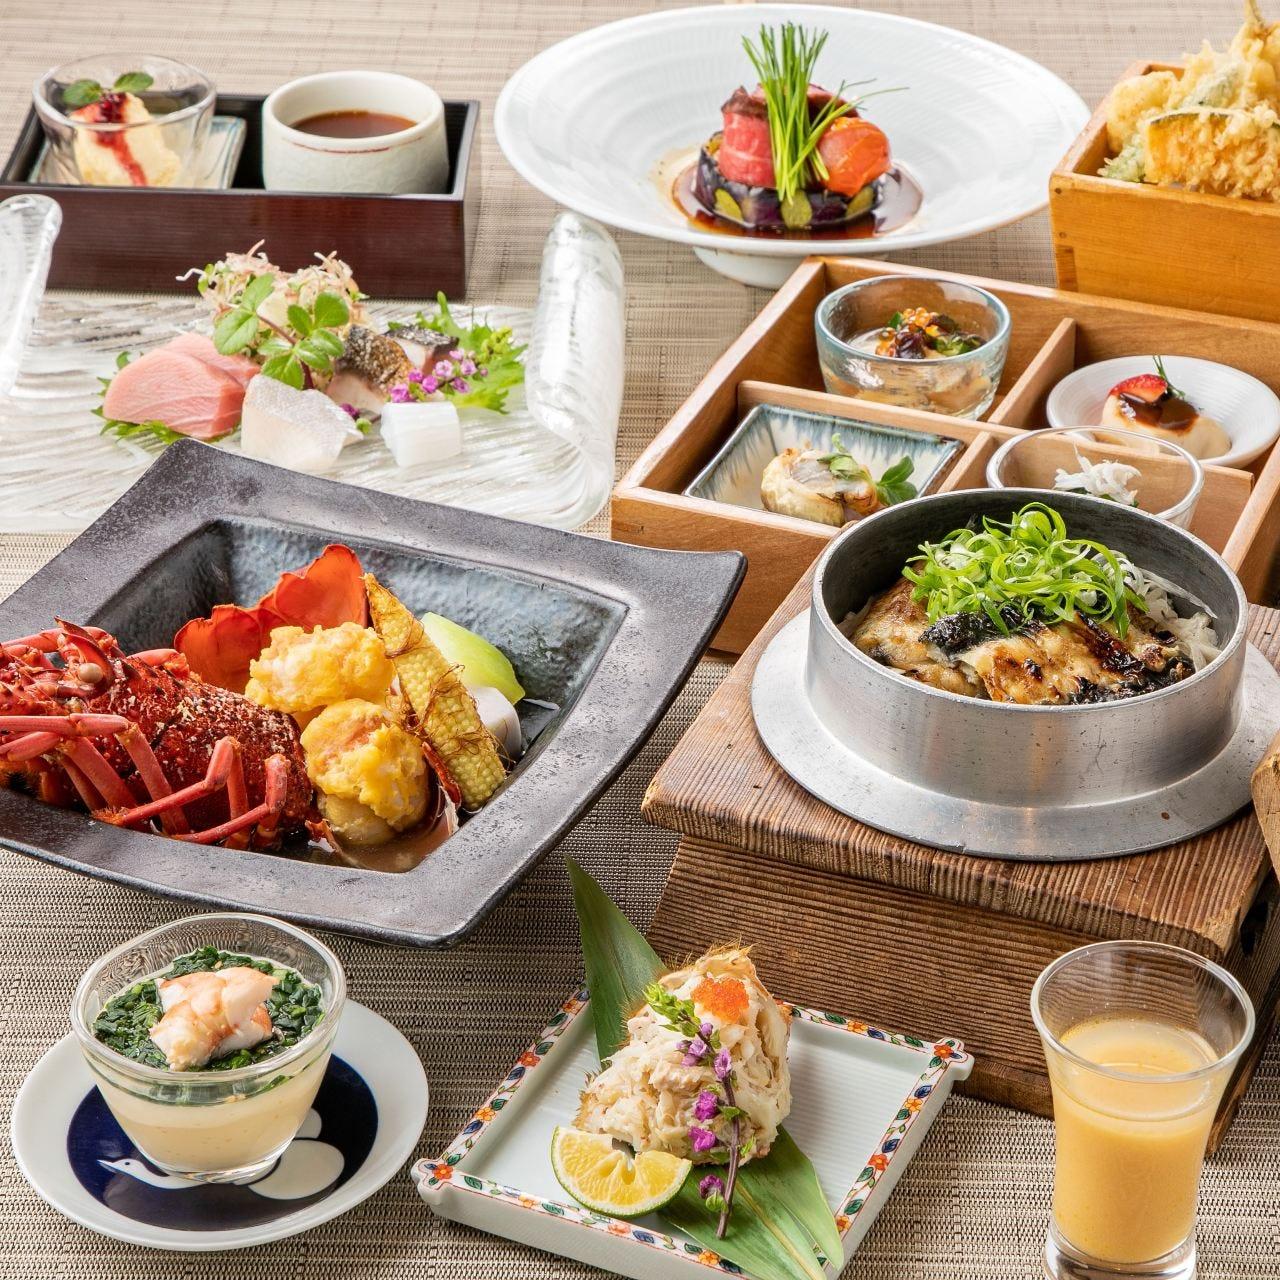 愛媛県宇和島産の鱧を中心に旬の食材をふんだんに使ったお料理。